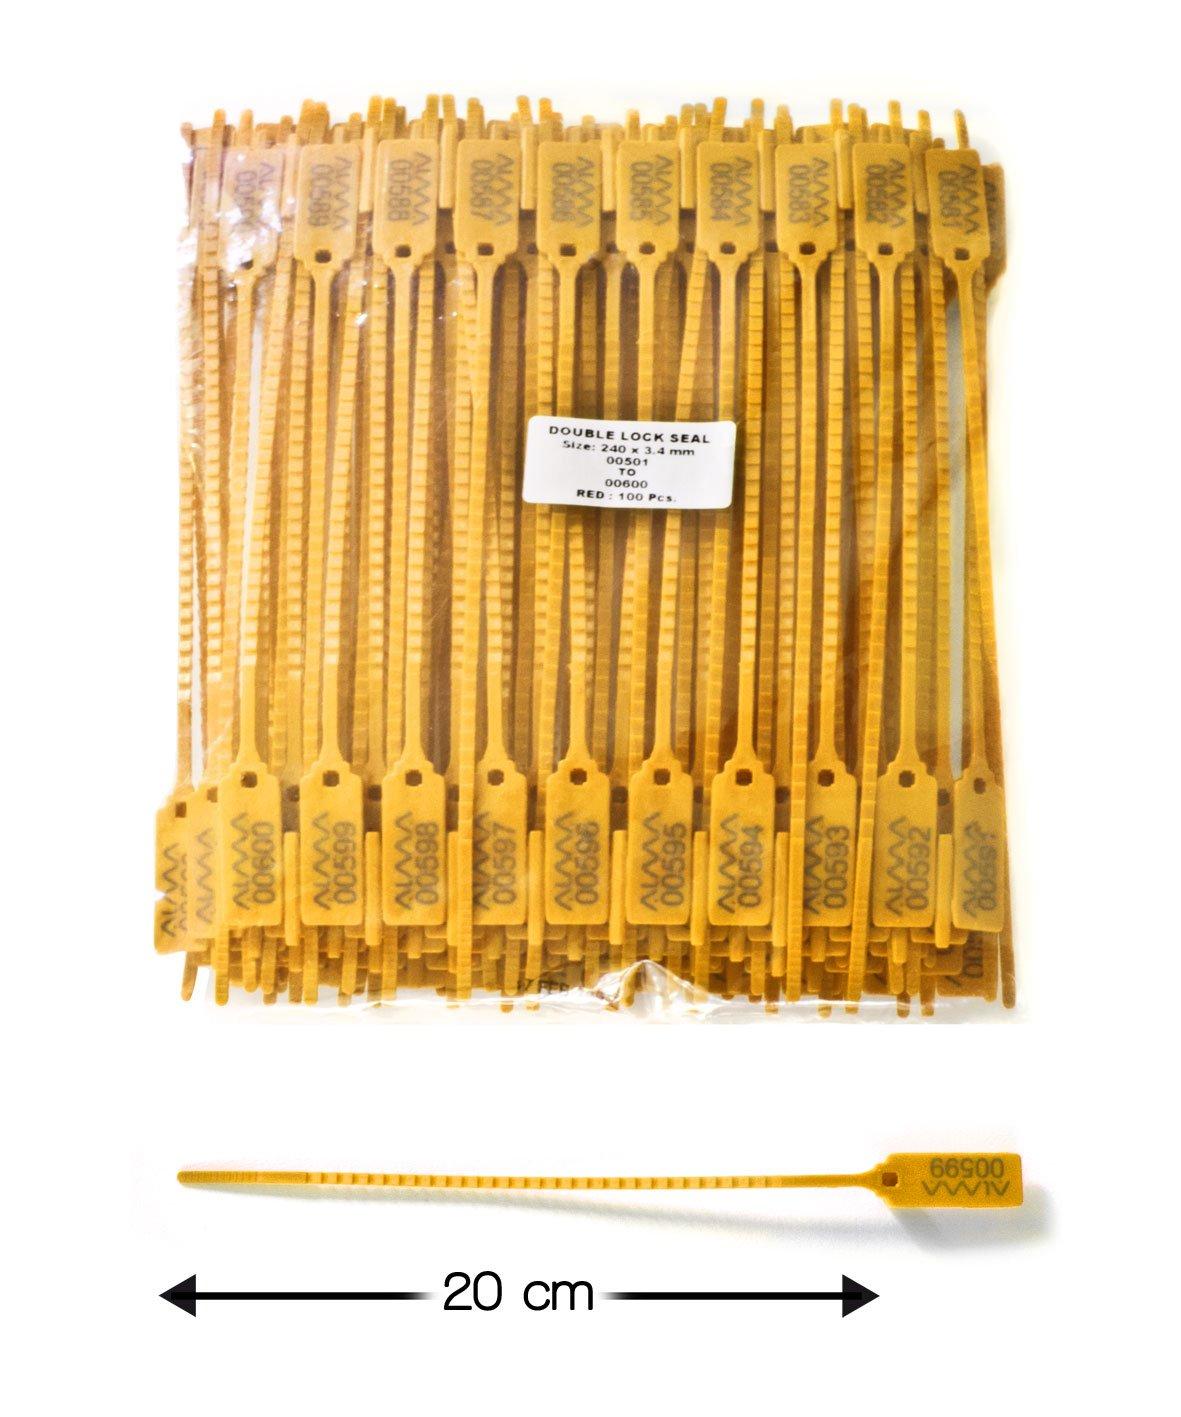 55 x RL207 Semiconductor bassa dispersione Diodo raddrizzatore 2A 1000V